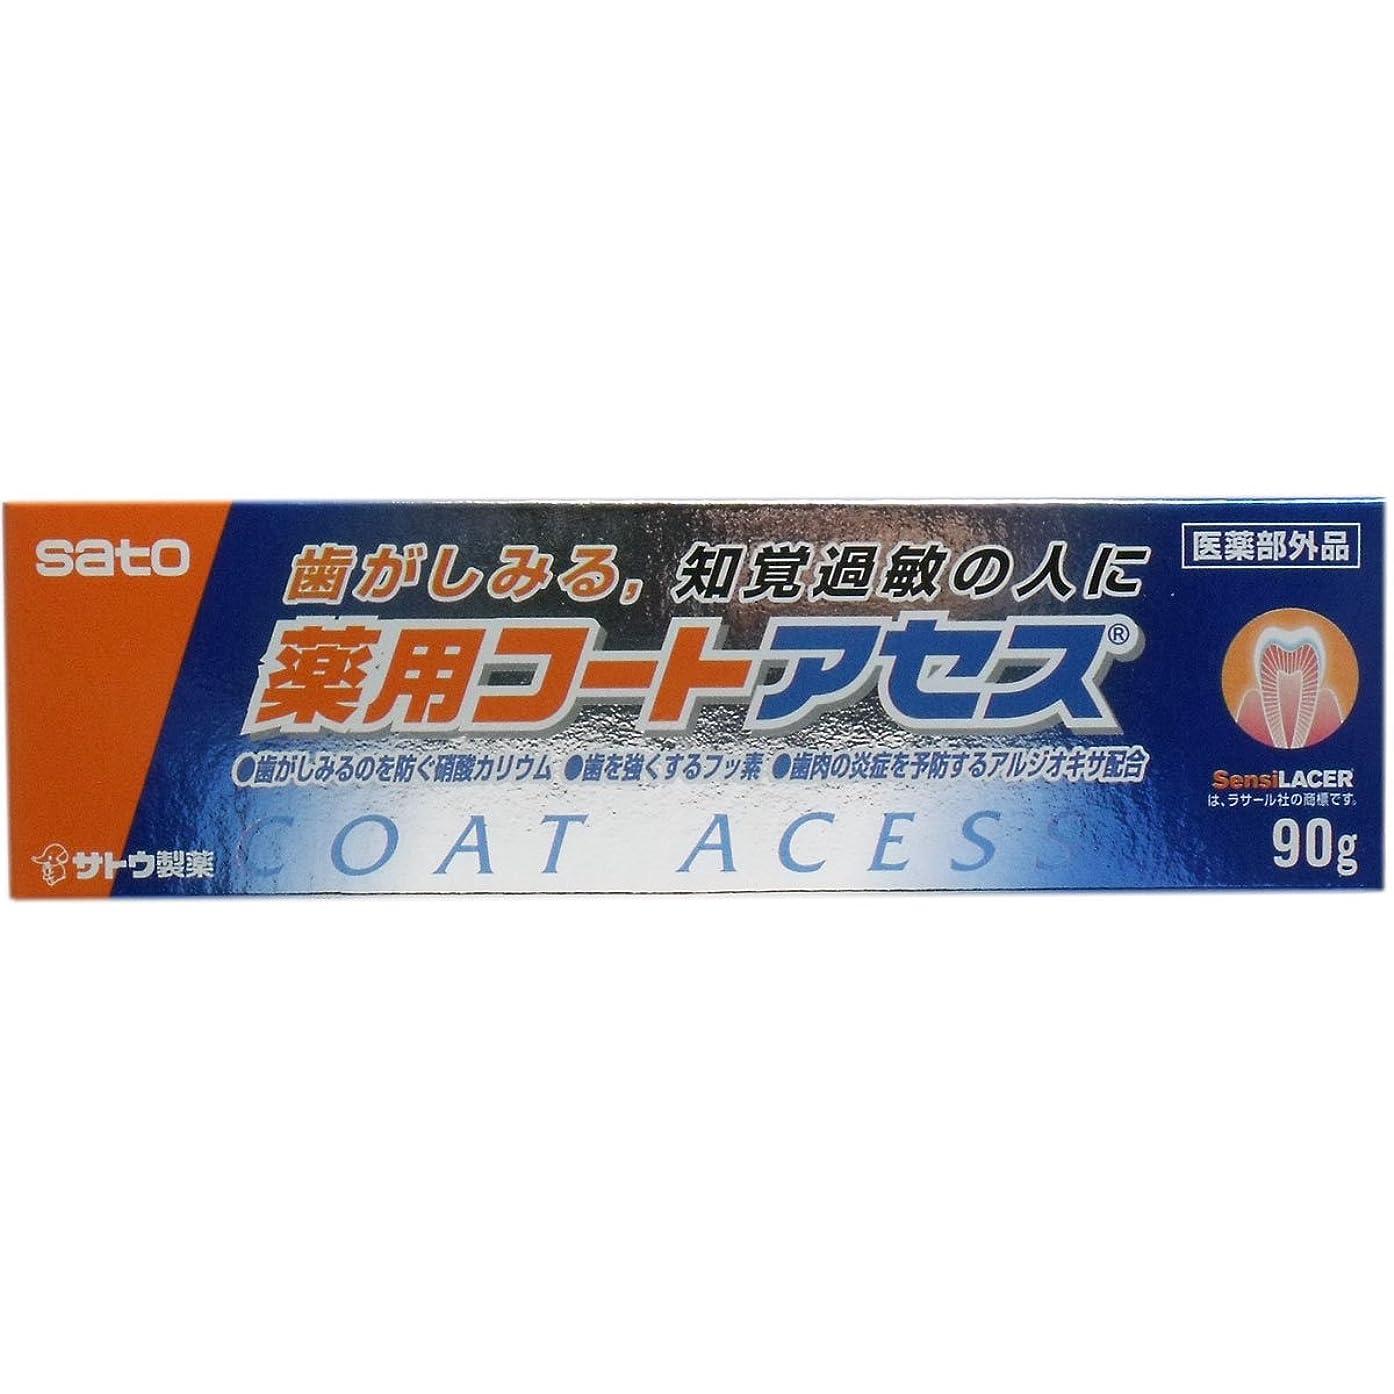 静けさ葉っぱ解明する薬用コートアセス 90g×(10セット)